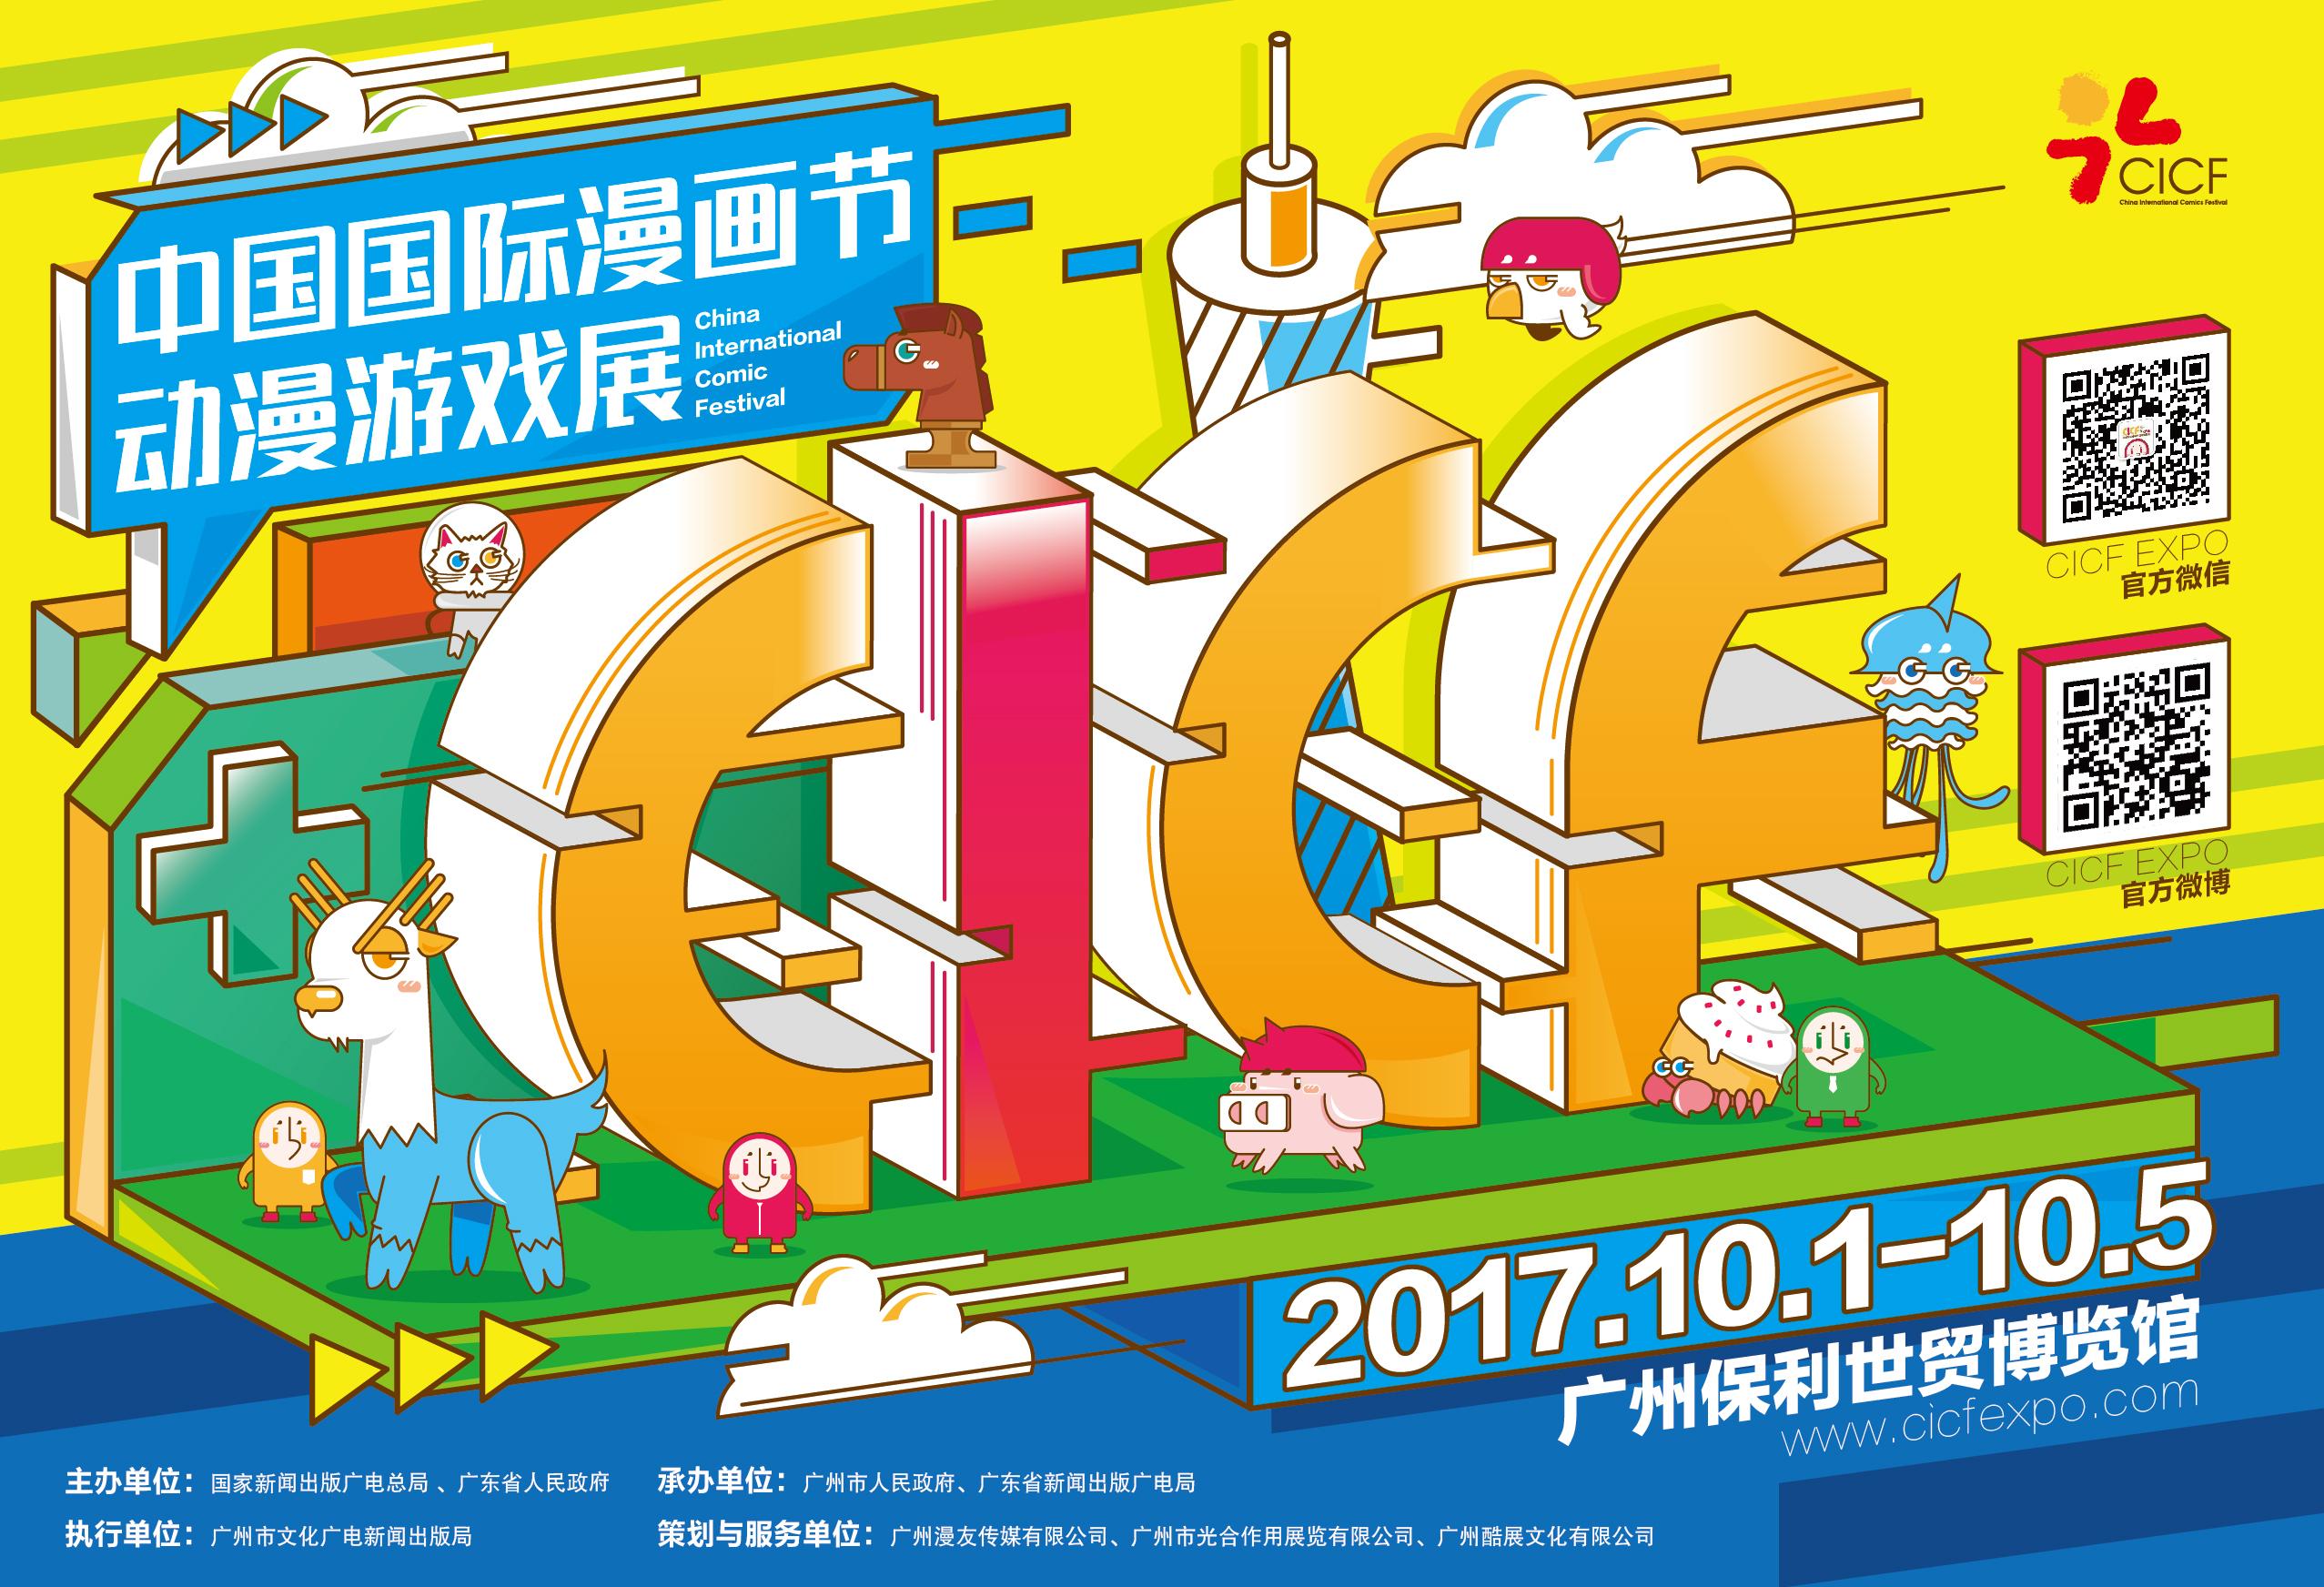 【广州】CICF 中国国际漫画节动漫游戏展-ANICOGA